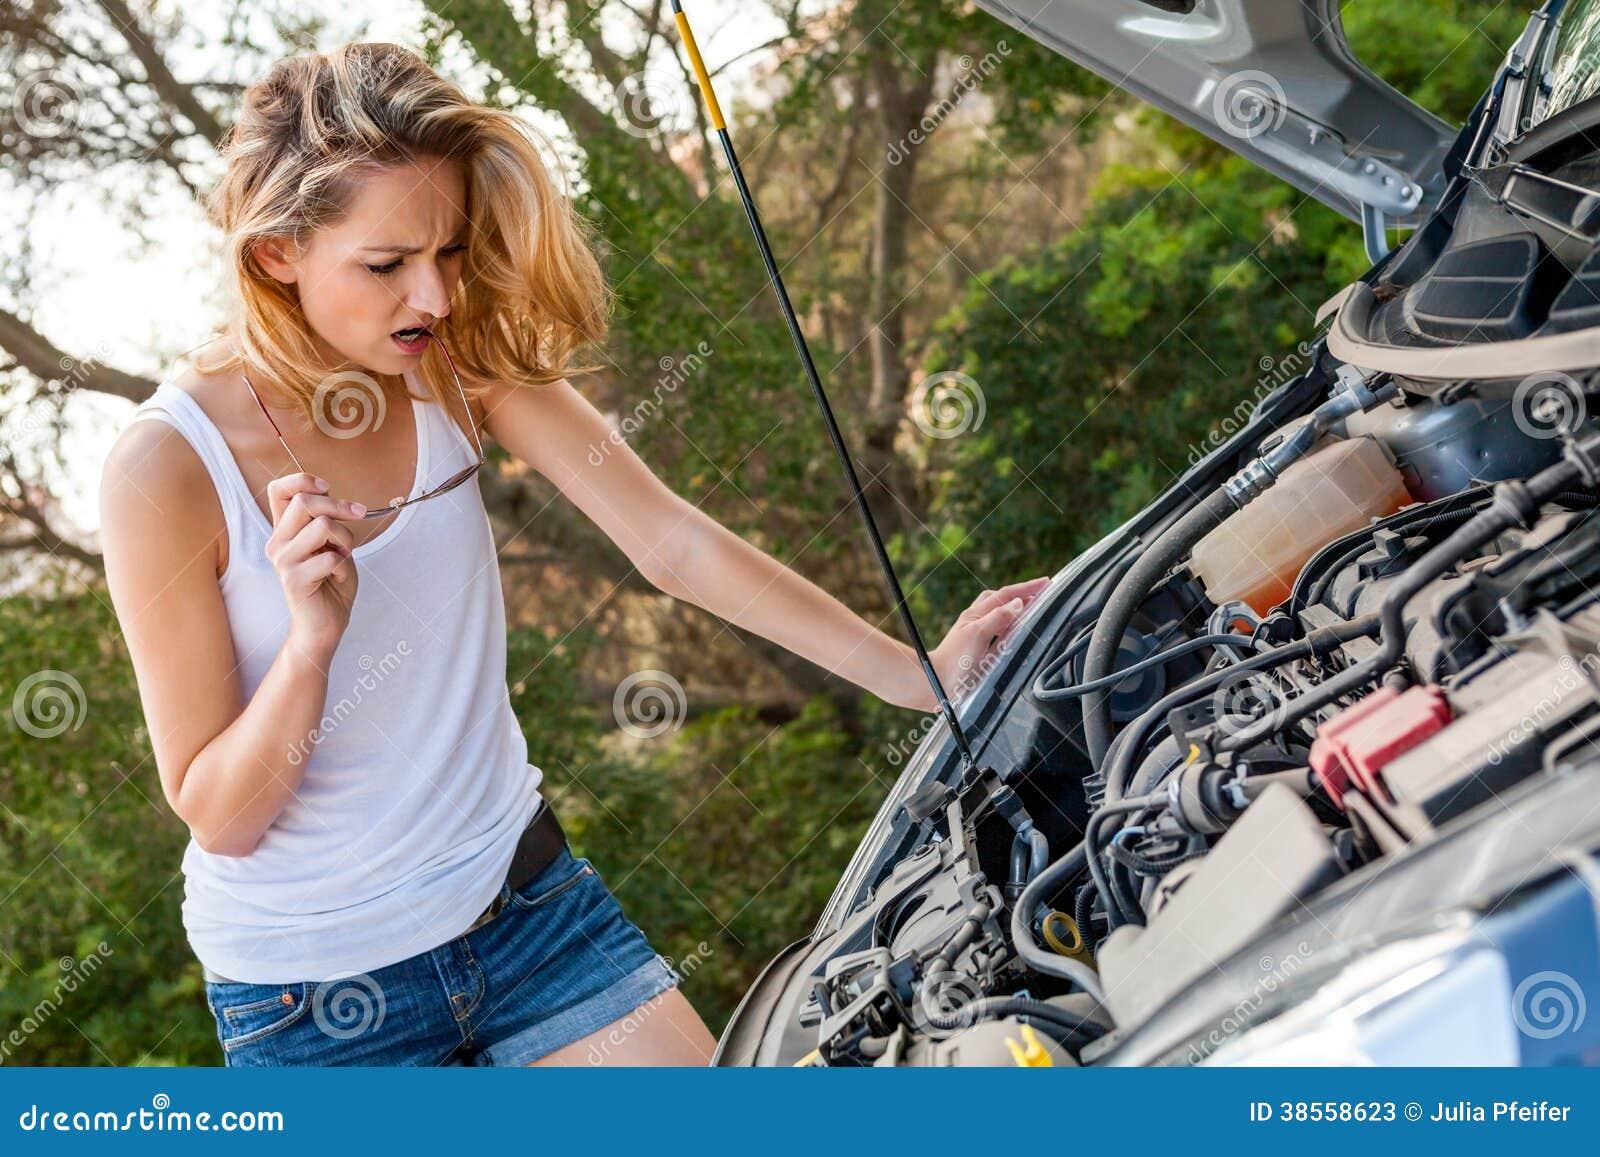 femme inspectant son moteur de voiture apr s une panne image stock image 38558623. Black Bedroom Furniture Sets. Home Design Ideas